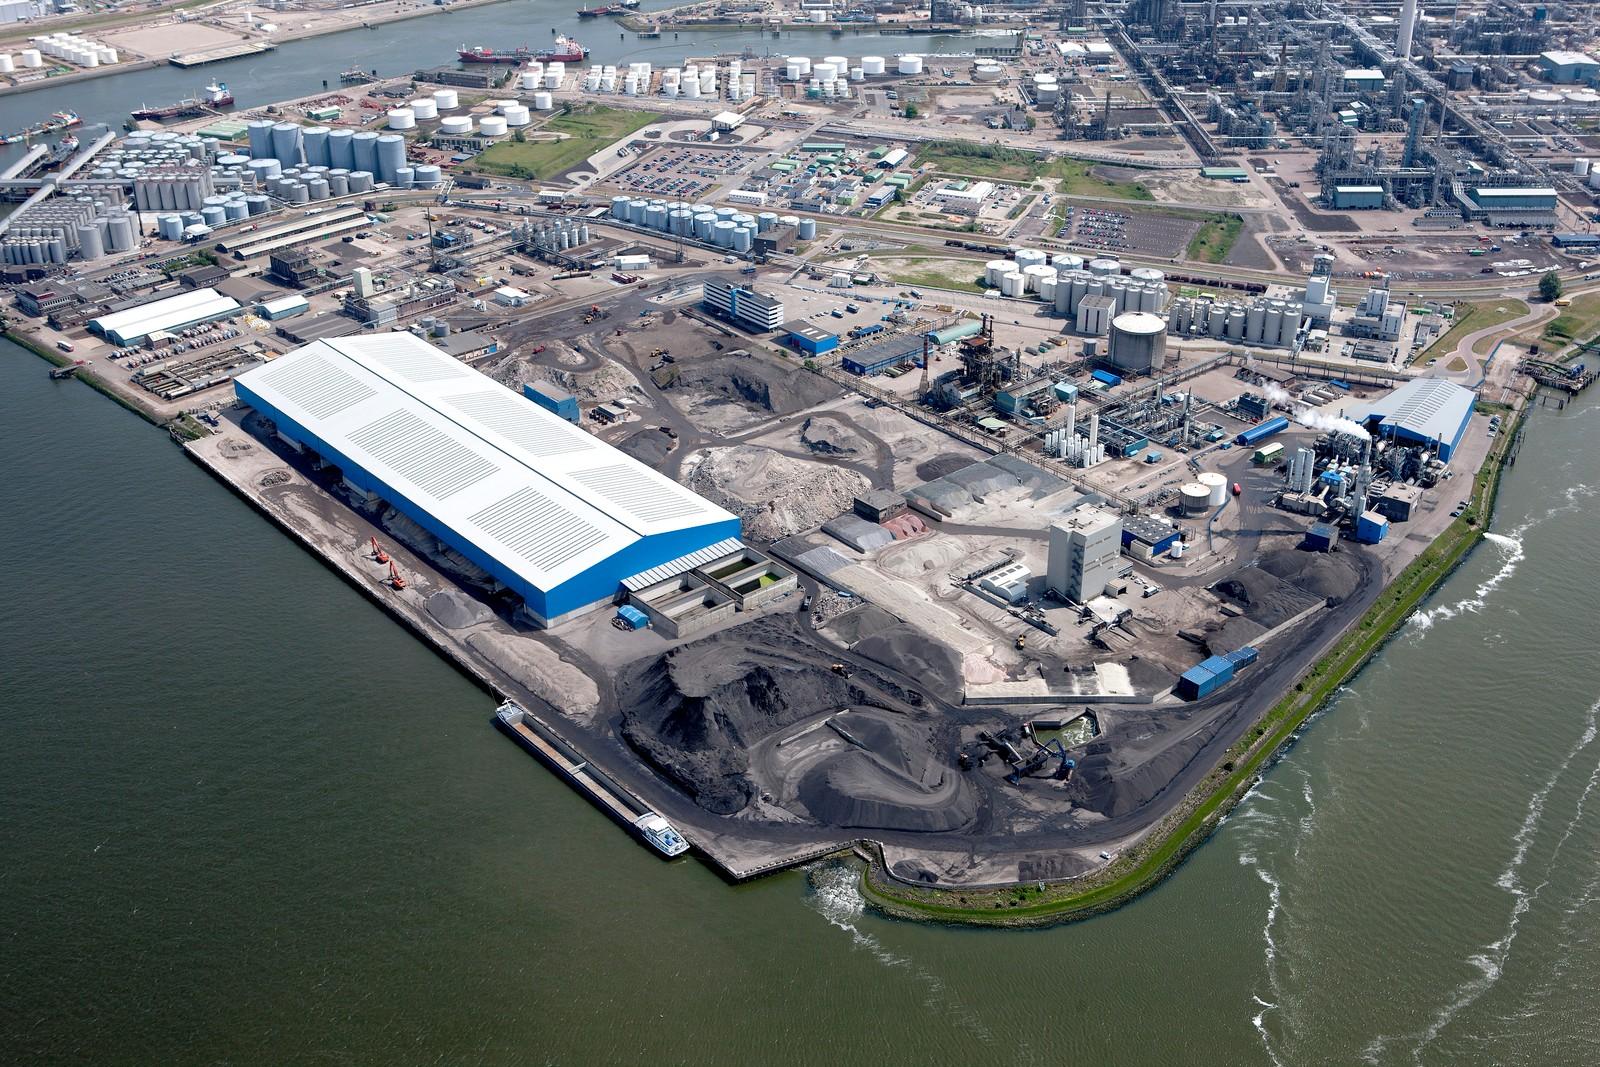 Wird um eine weitere Anlage erweitert: die Teeraufbereitung im Rotterdamer Hafen